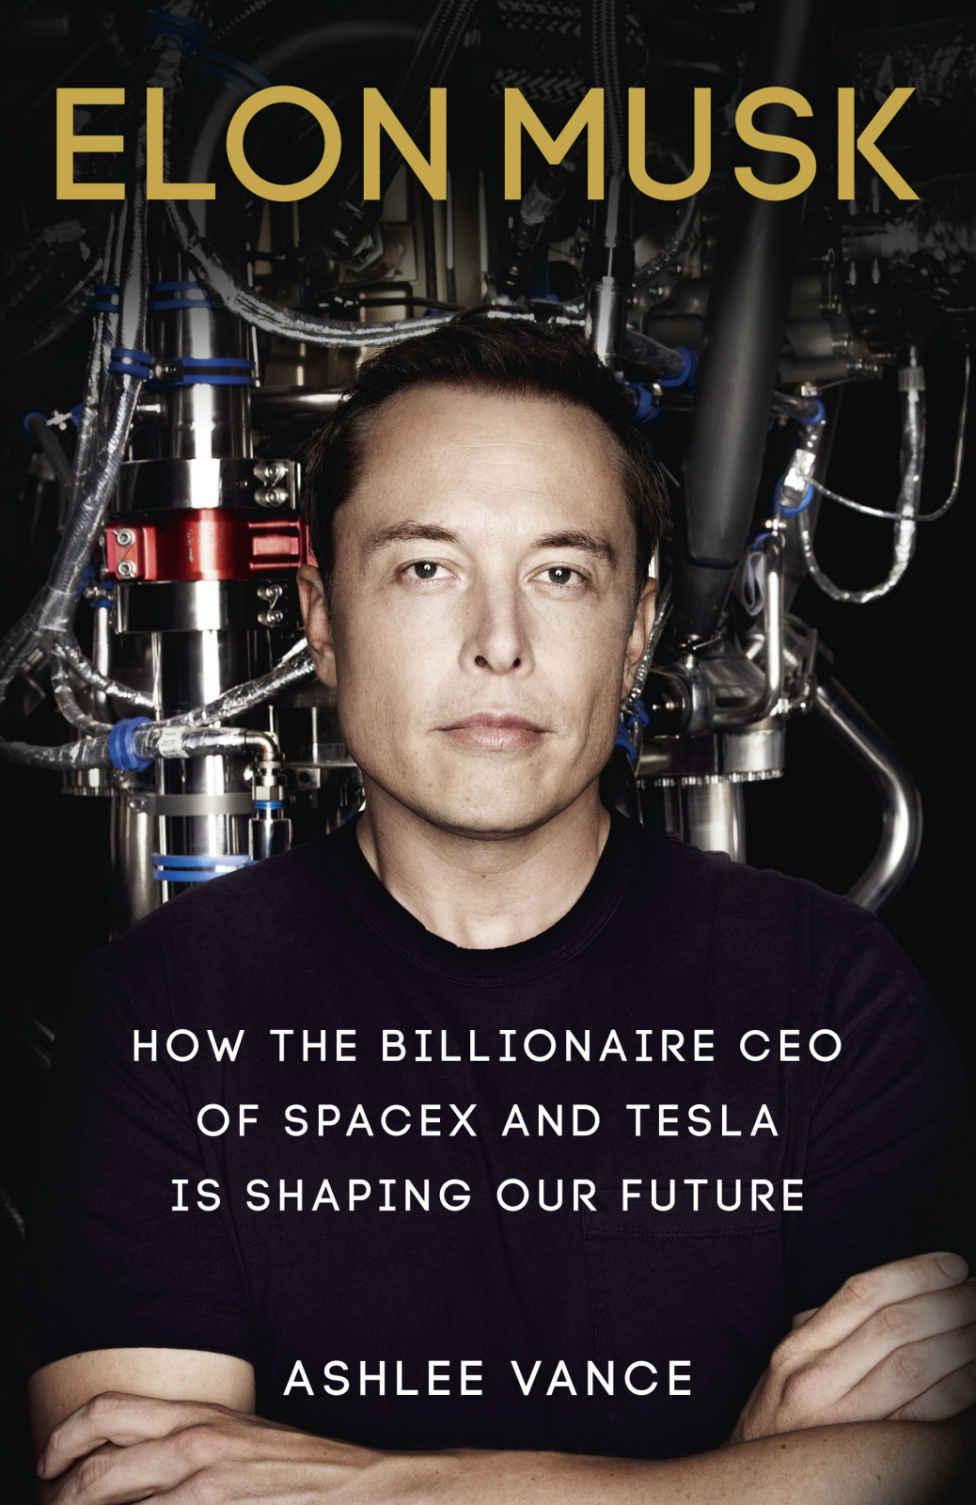 Elon Musk Intl - 18228671 , 1609717825099 , 62_21230198 , 211000 , Elon-Musk-Intl-62_21230198 , tiki.vn , Elon Musk Intl